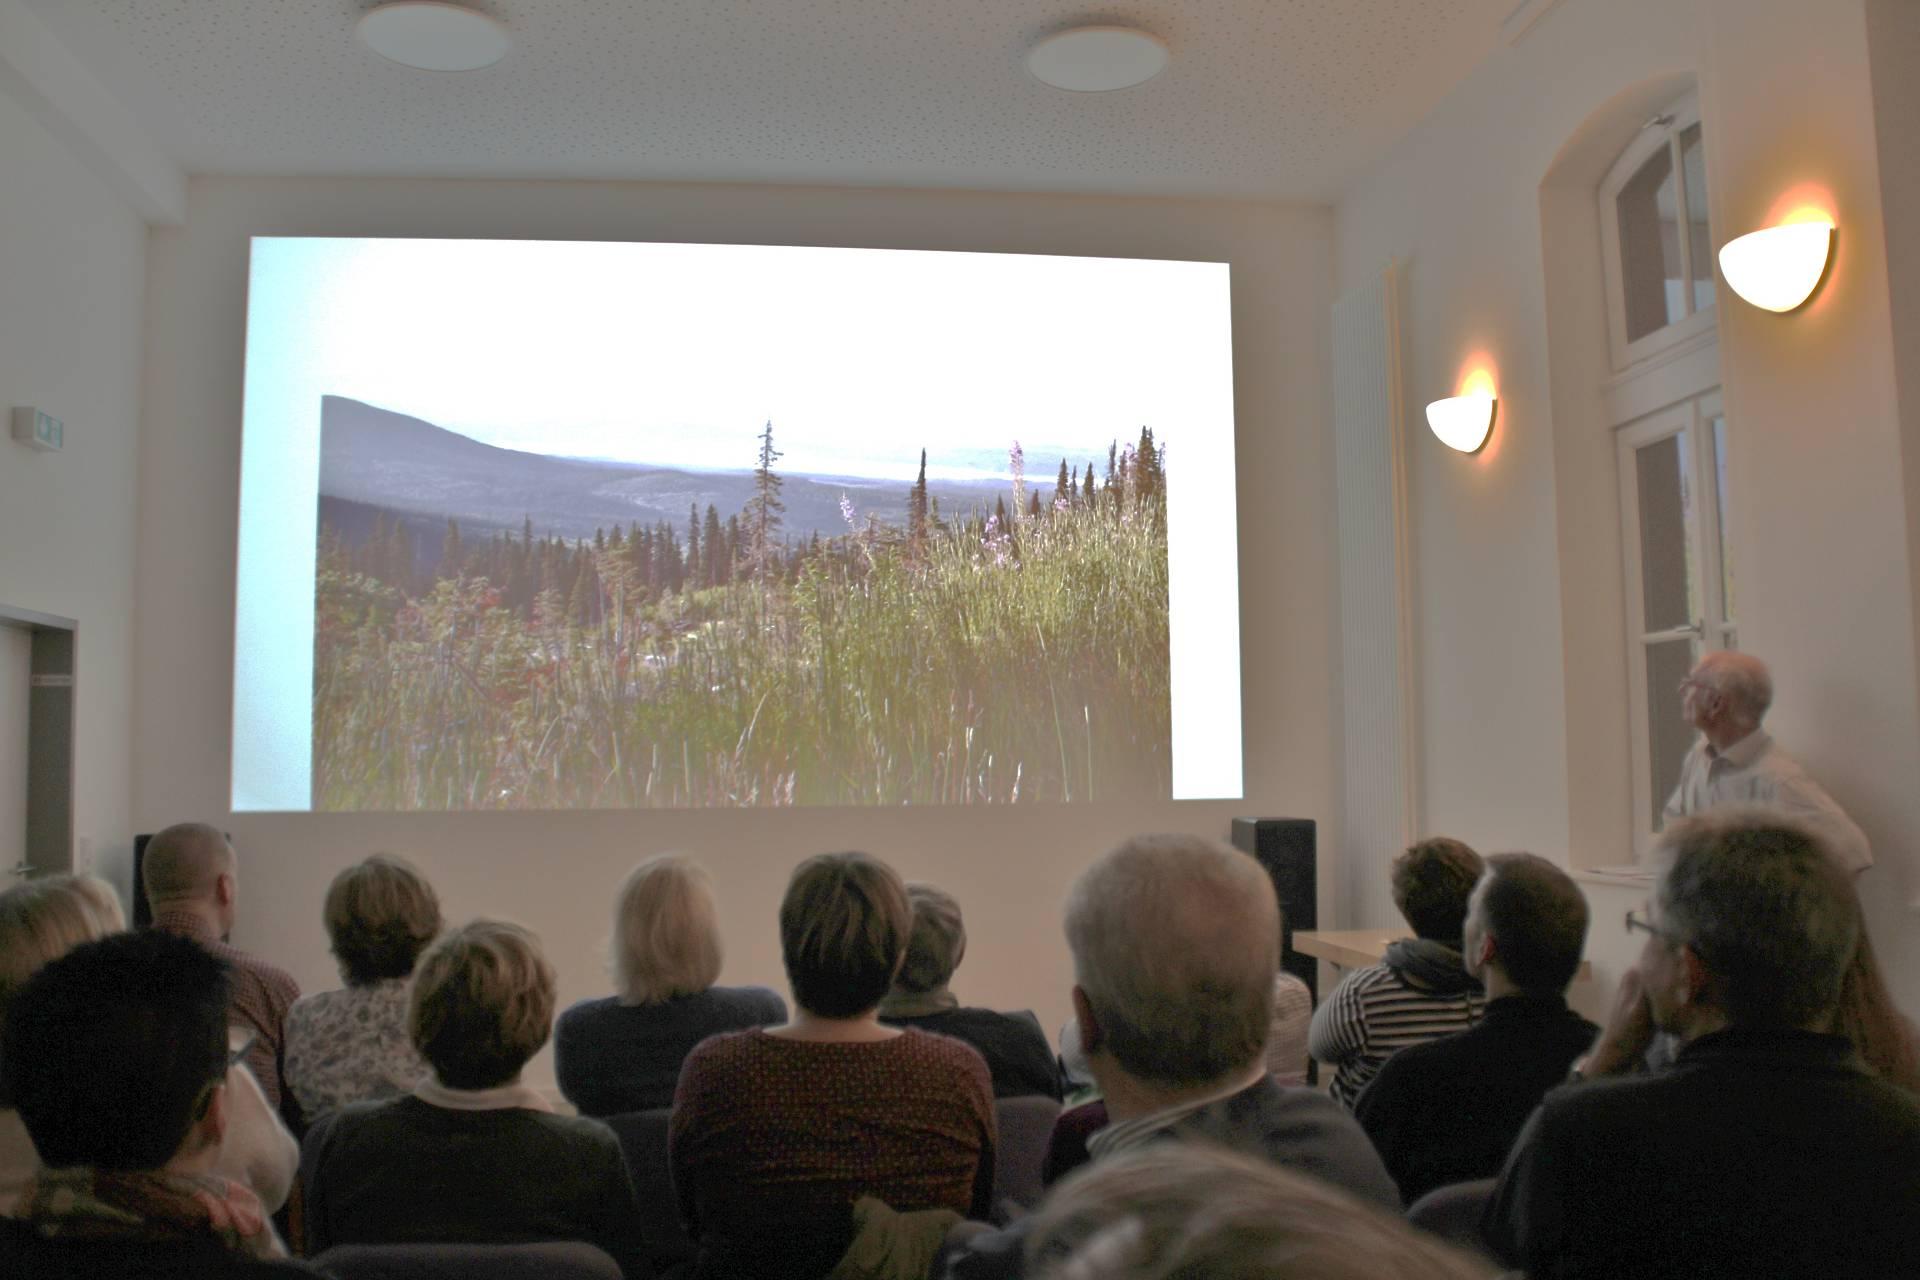 Die wunderbaren Landschaftsaufnahmen begeisterten die Zuschauer (Fotos: D. Altmann).